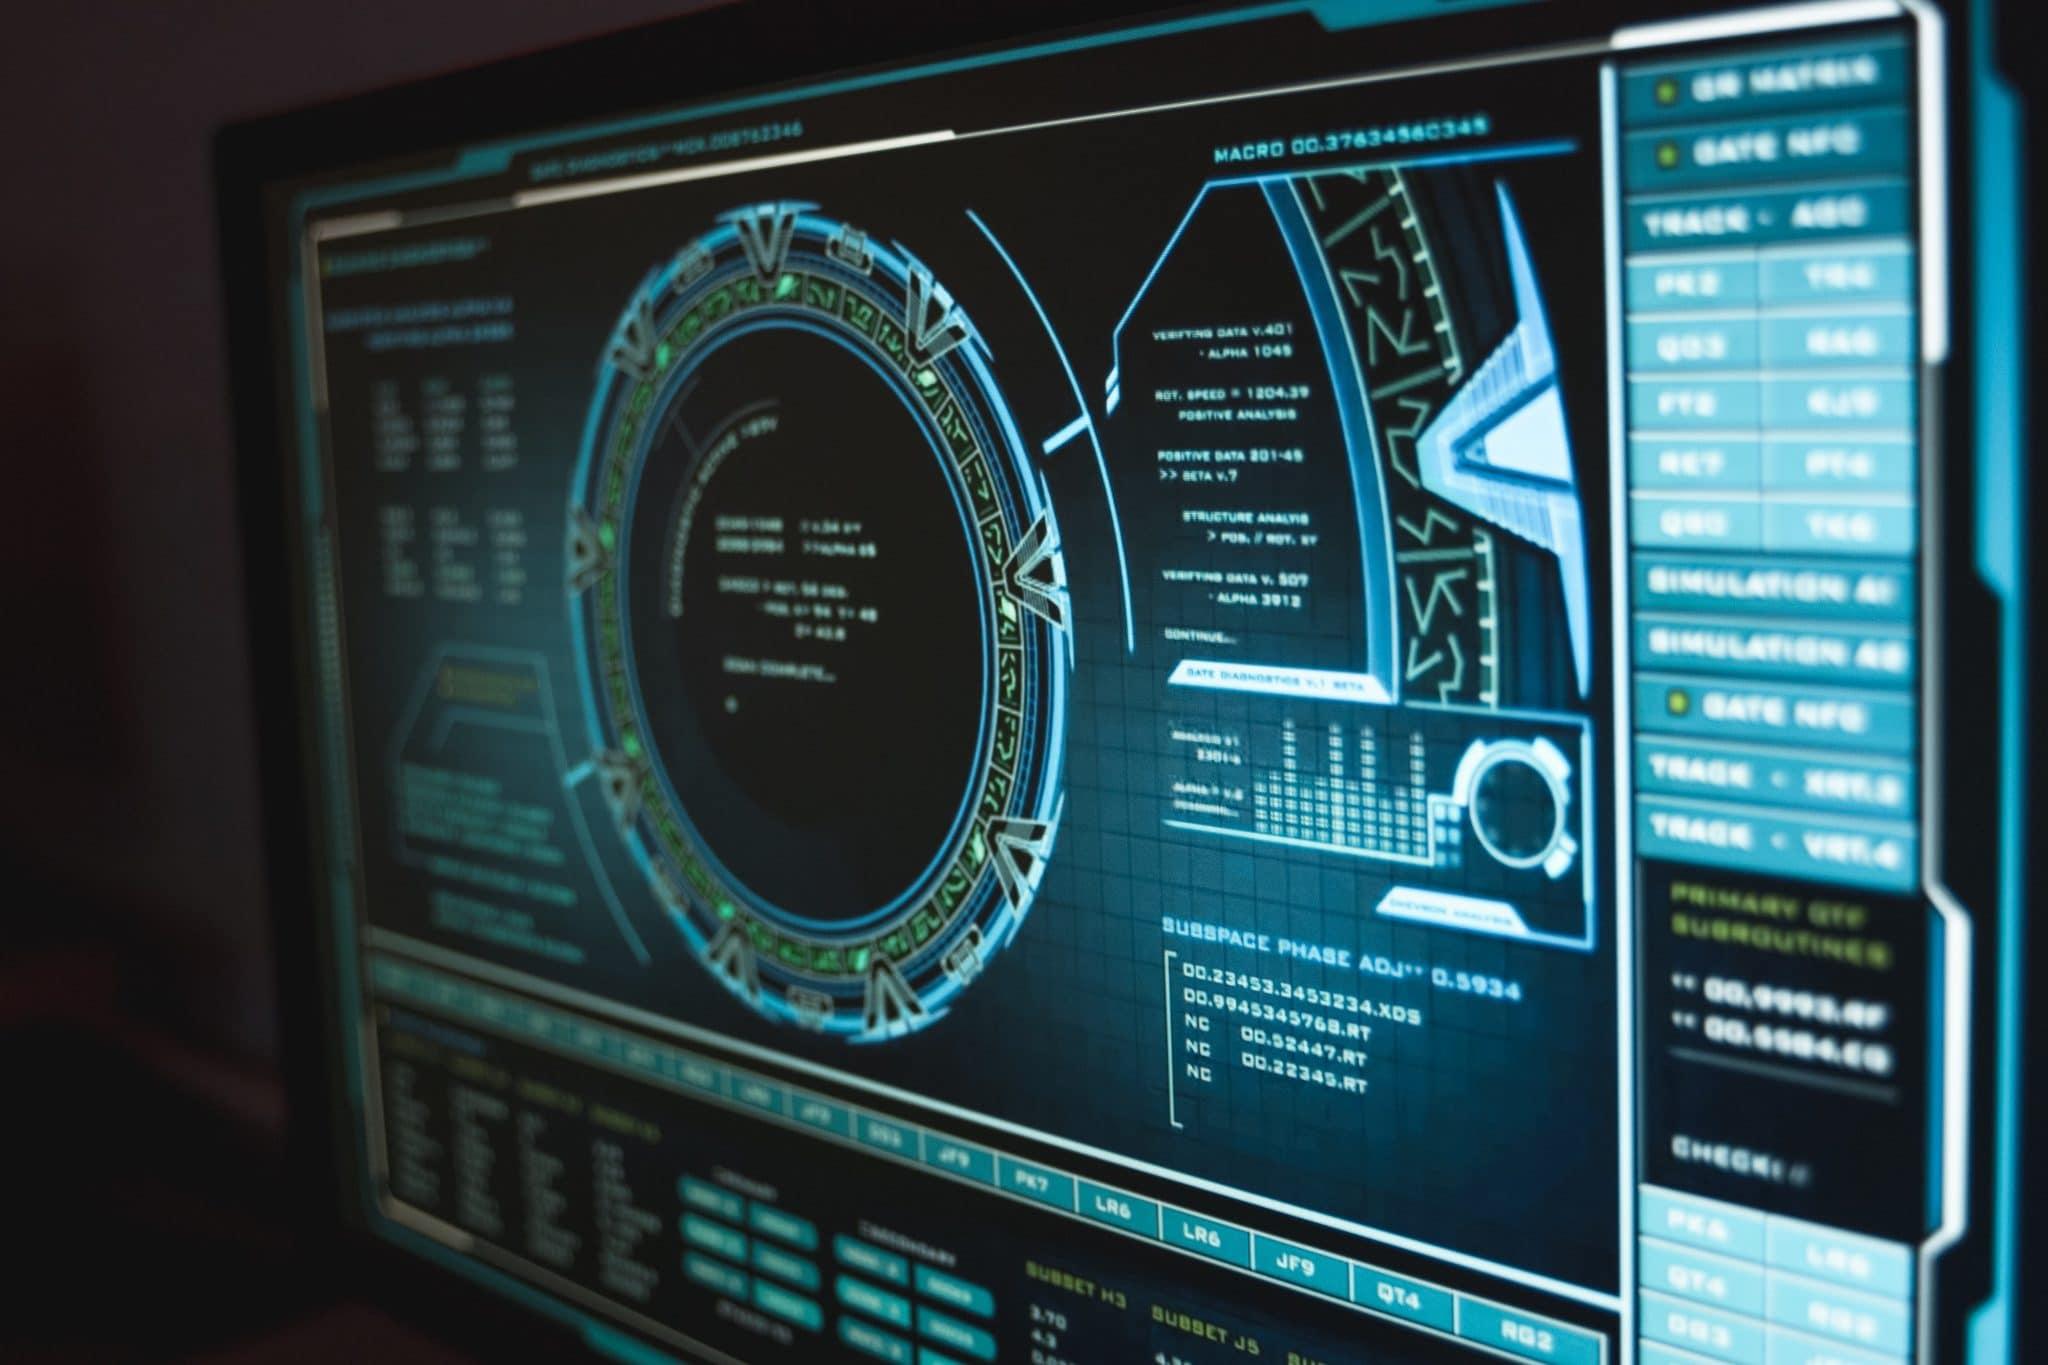 Sécurité Informatique : Les Dernières Cyberattaques en Normandie